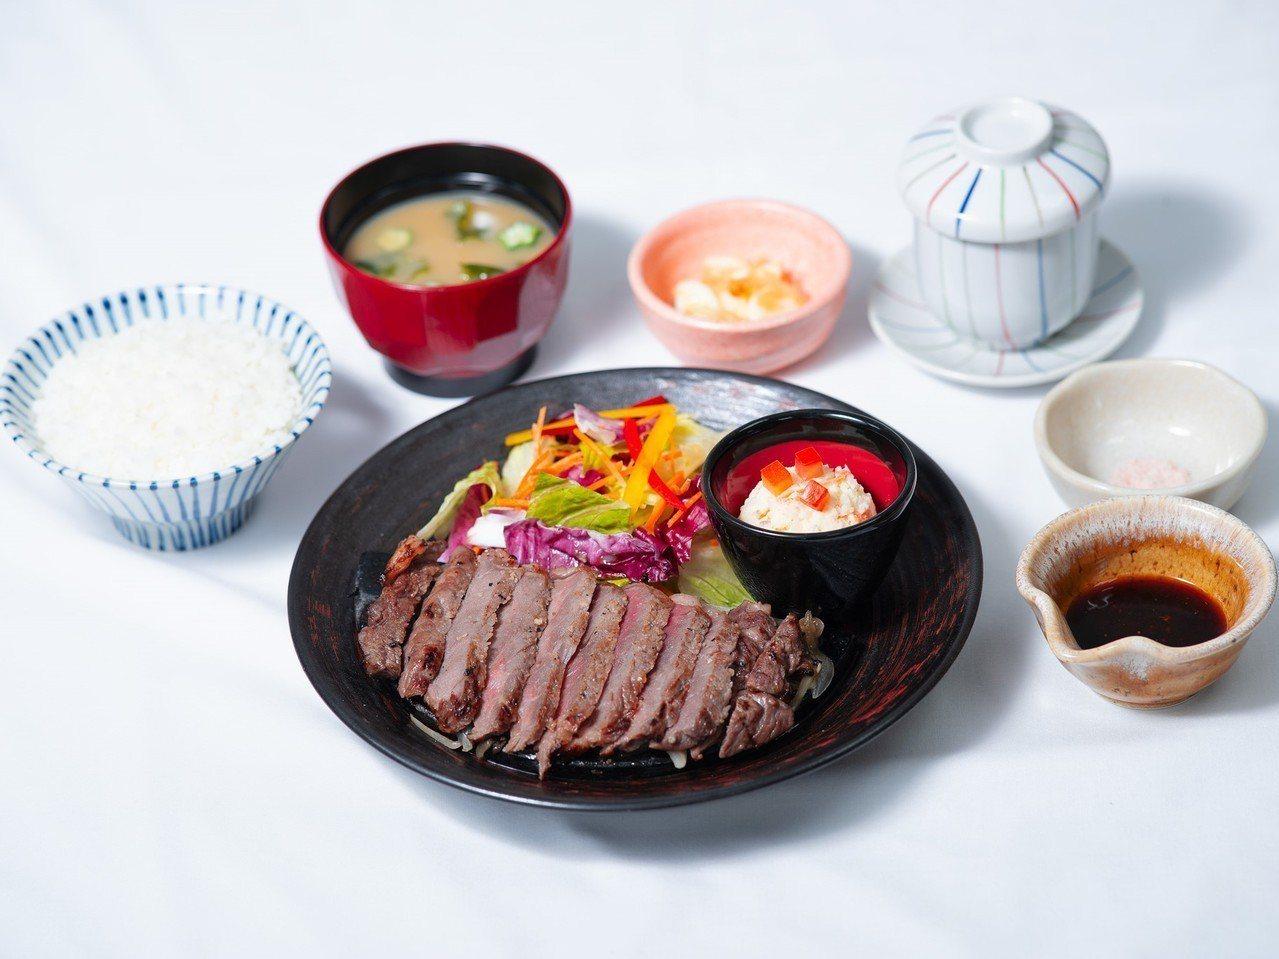 大戶屋新推出期間限定的「炭烤肋眼牛排定食」,每份450元。圖/大戶屋提供